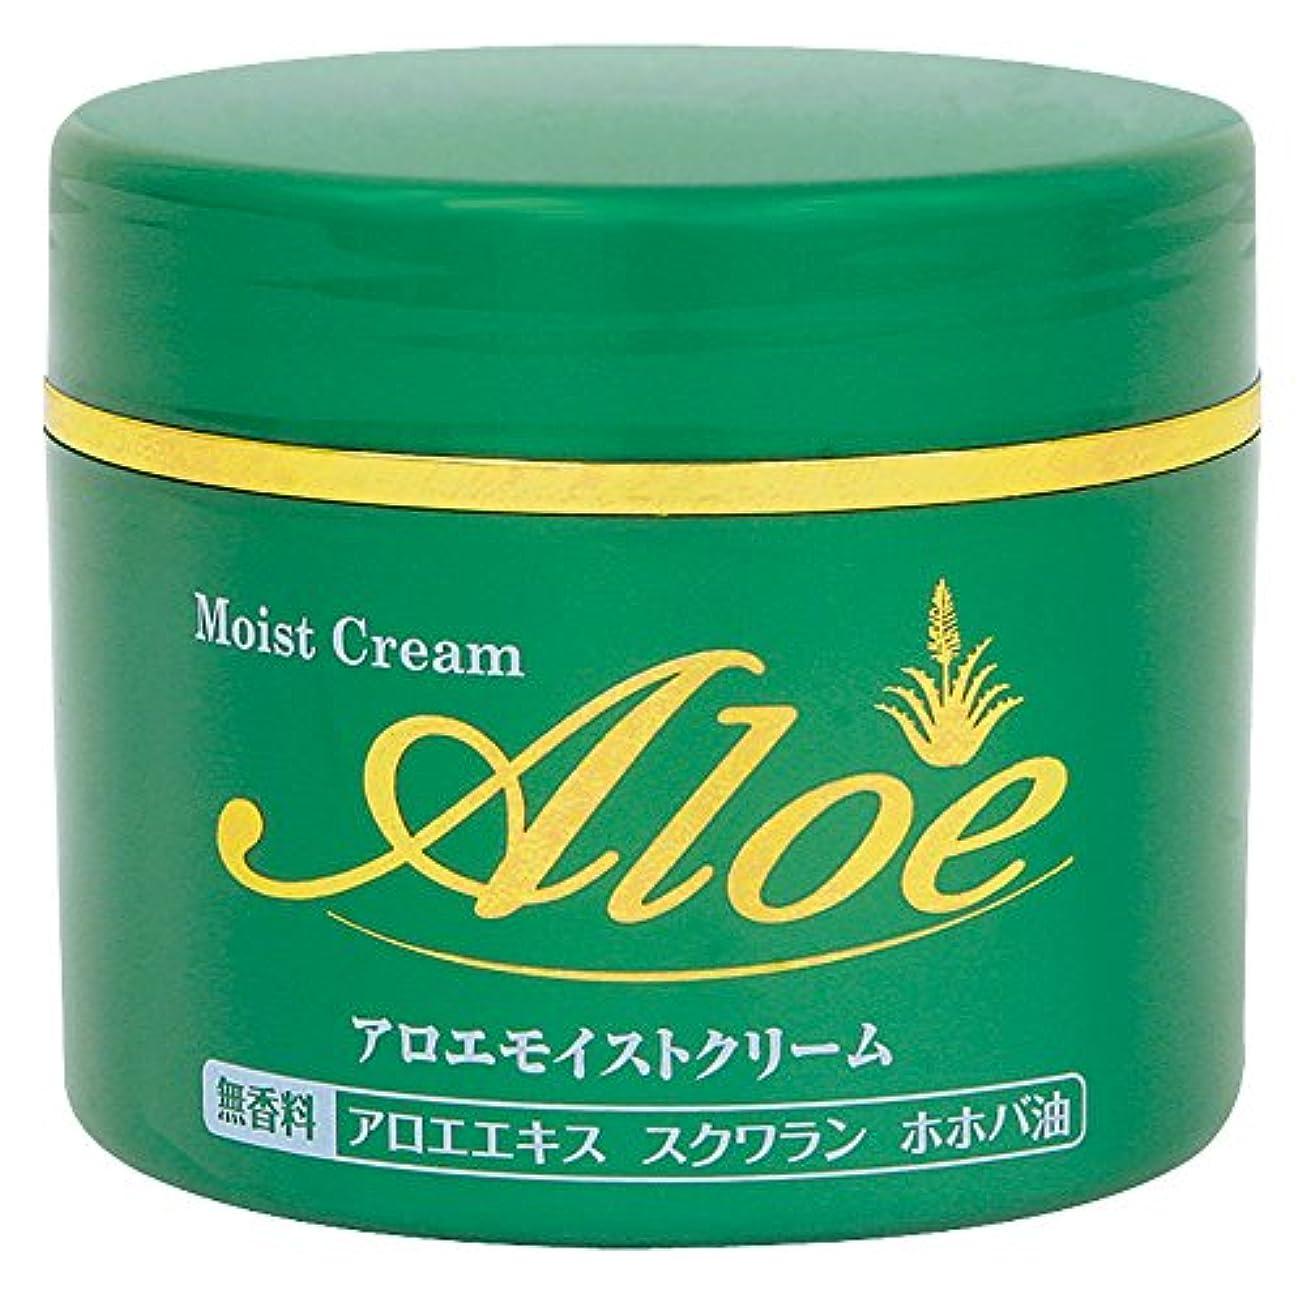 掘るハイブリッドロードハウス井藤漢方製薬 アロエモイストクリーム 160g (アロエクリーム 化粧品)